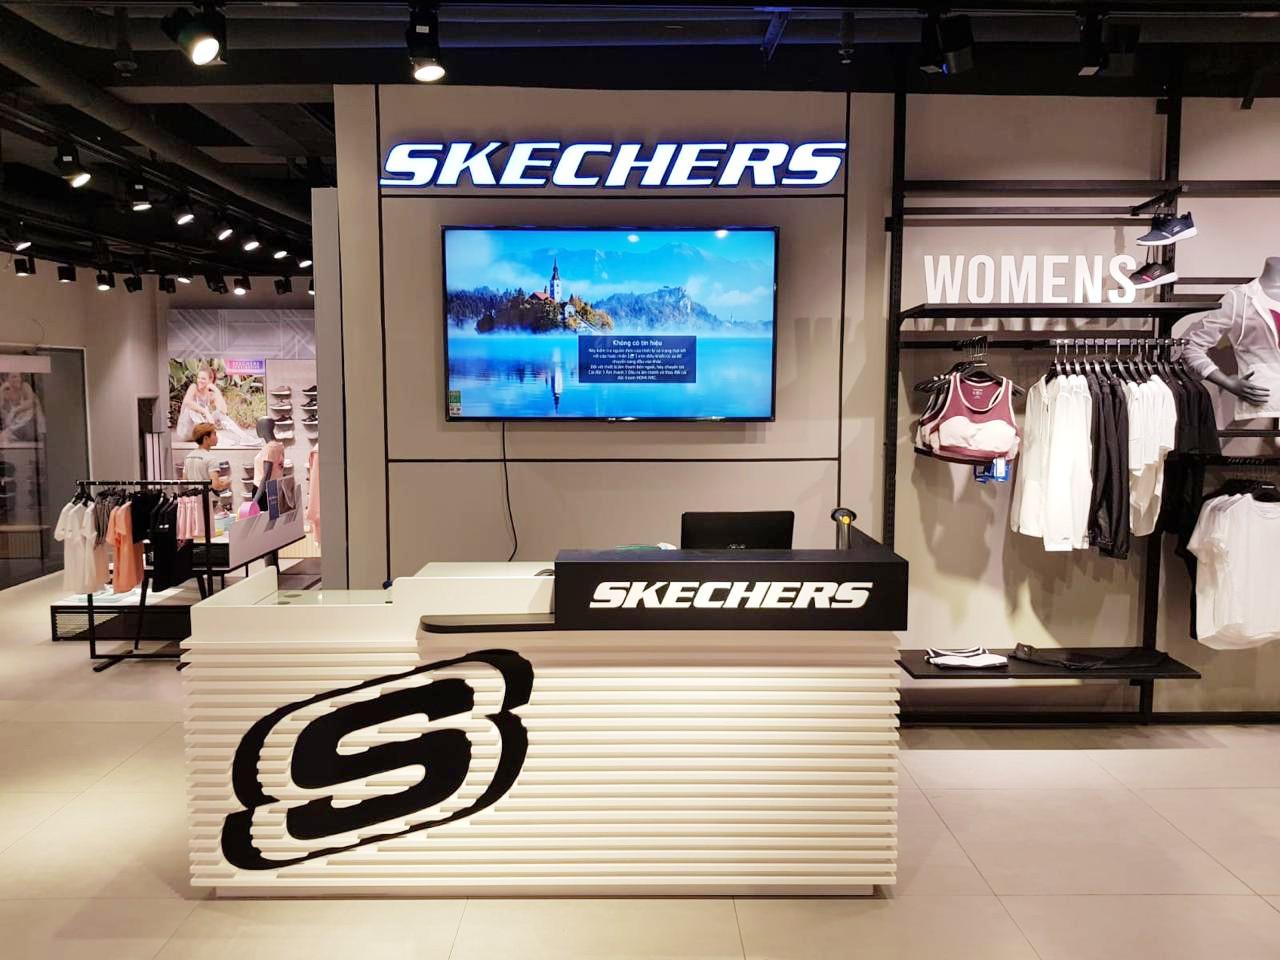 Bất ngờ kép từ Skechers: Karik trở thành đại sứ thương hiệu, chính thức khai trương Flagship Store tại Việt Nam - Ảnh 5.